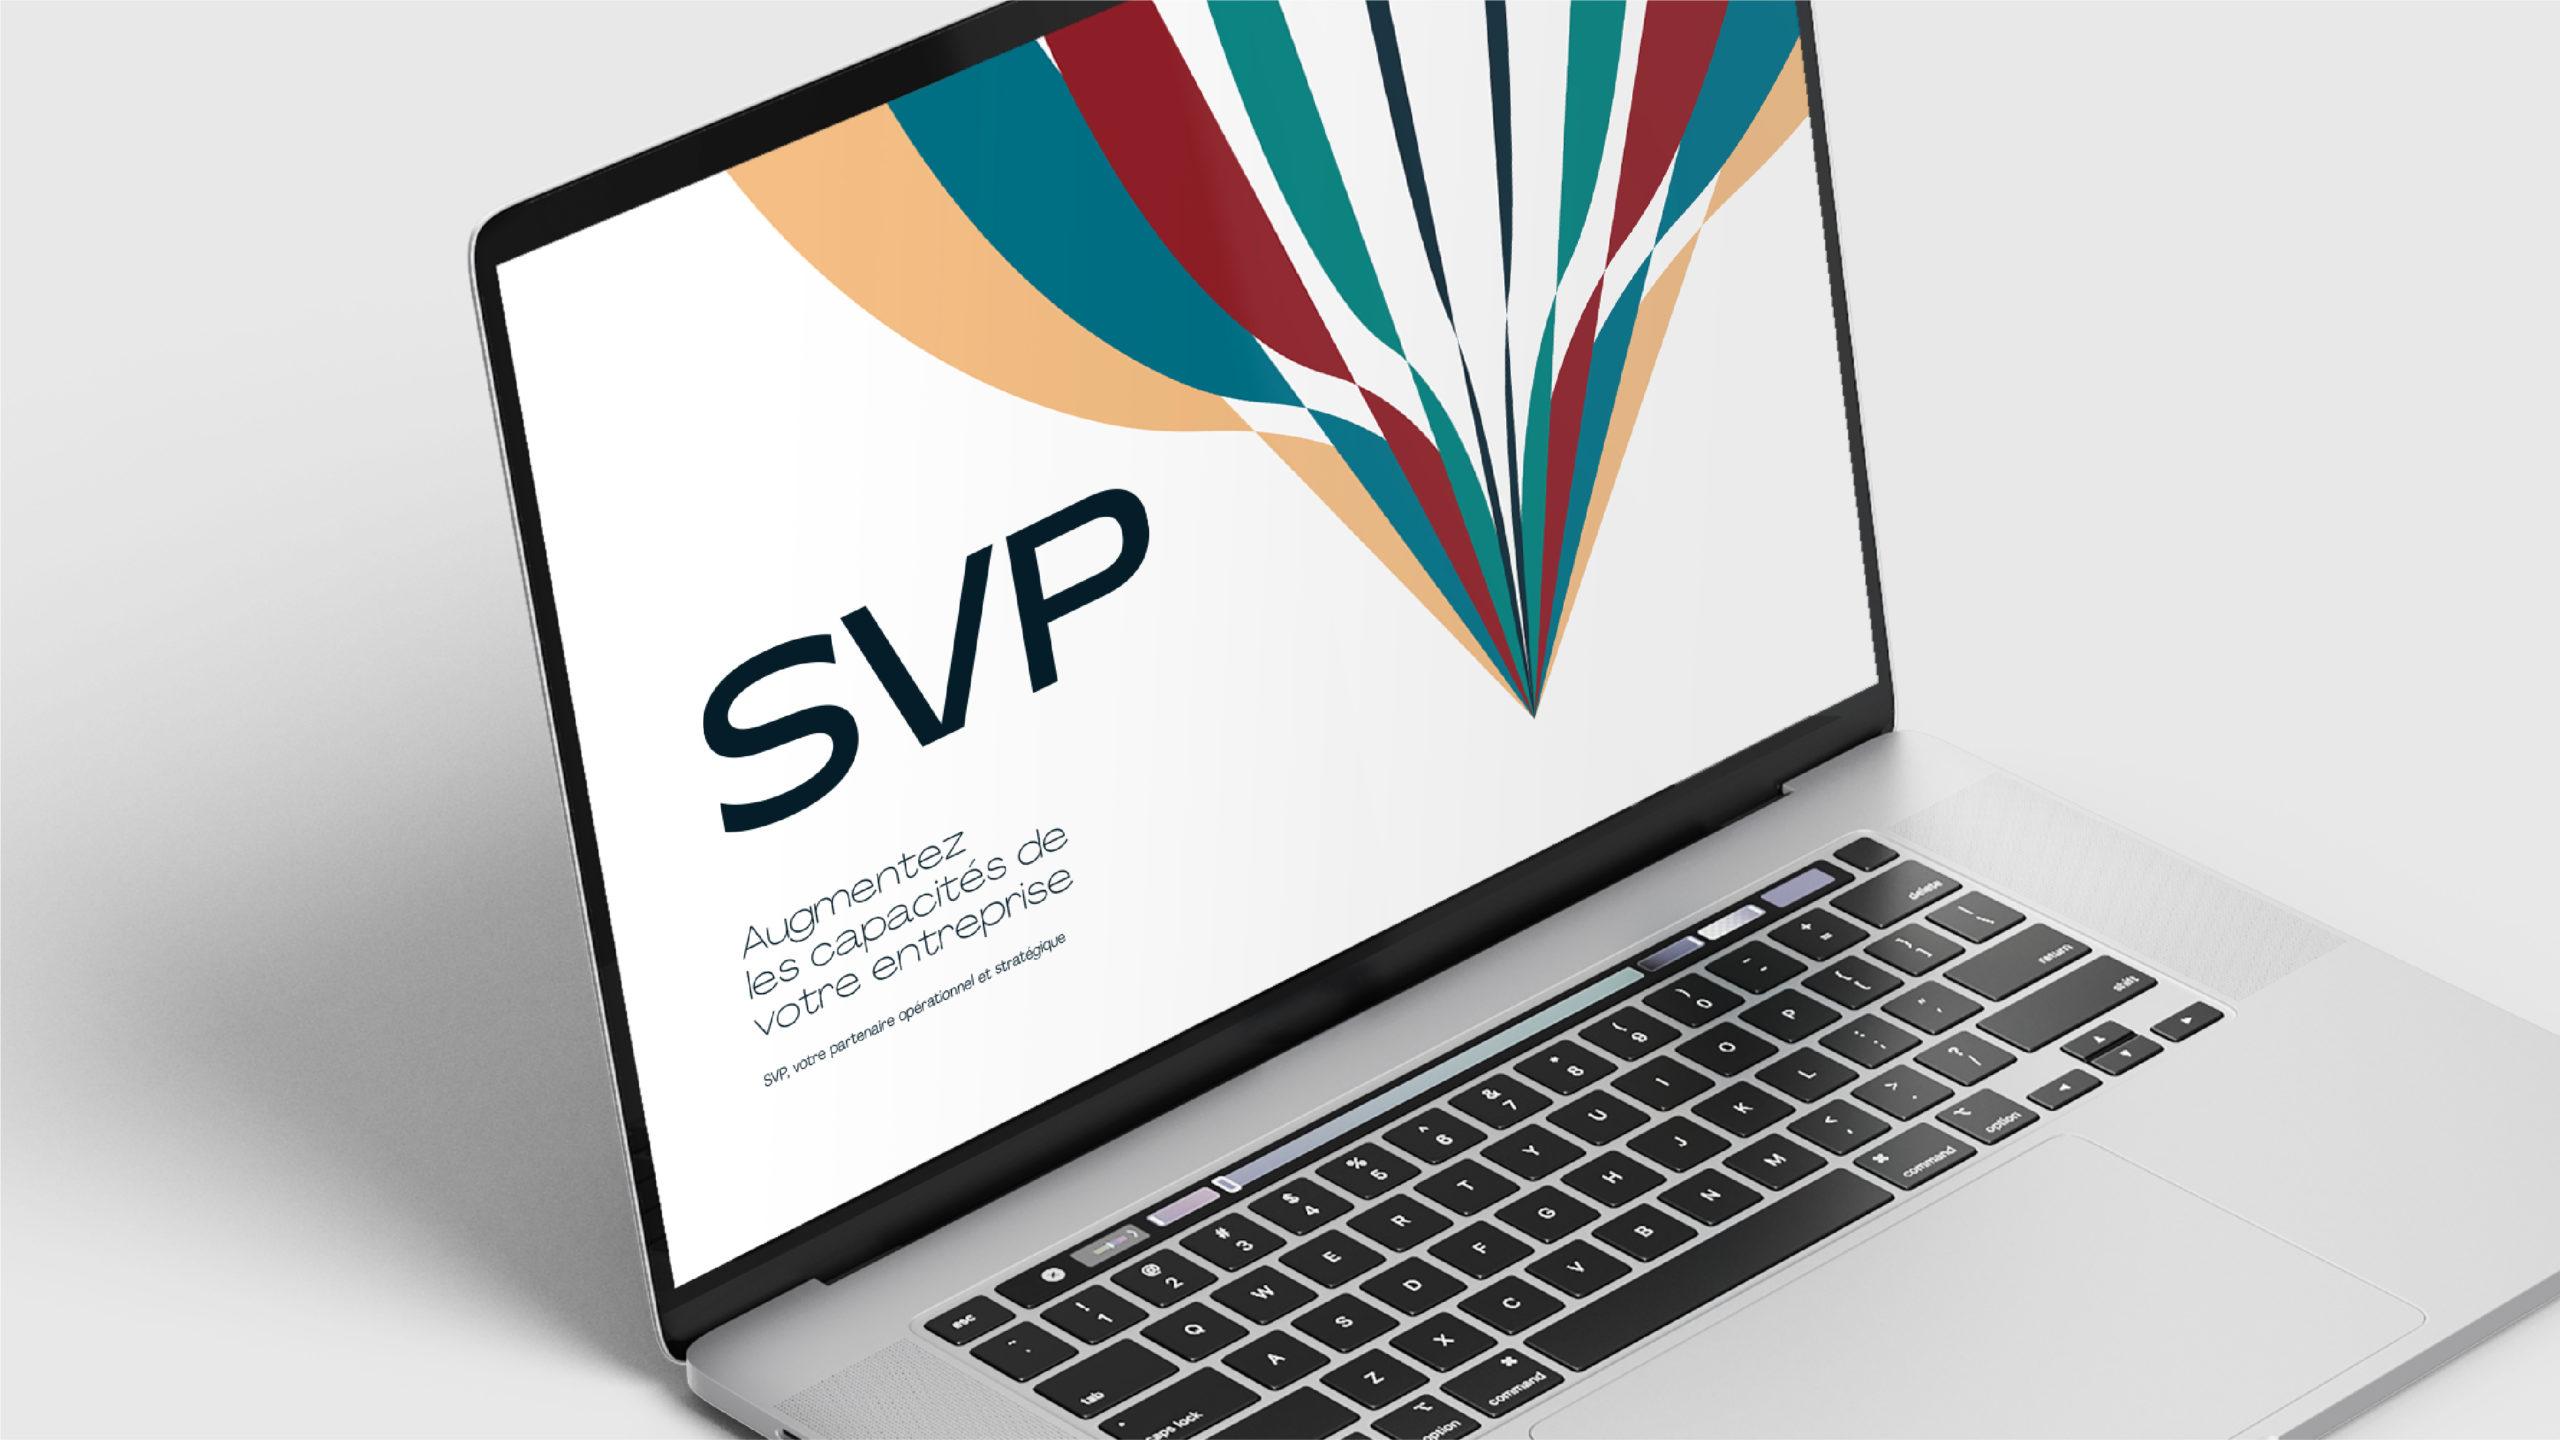 SVP — Augmentez les capacités de votre entreprise